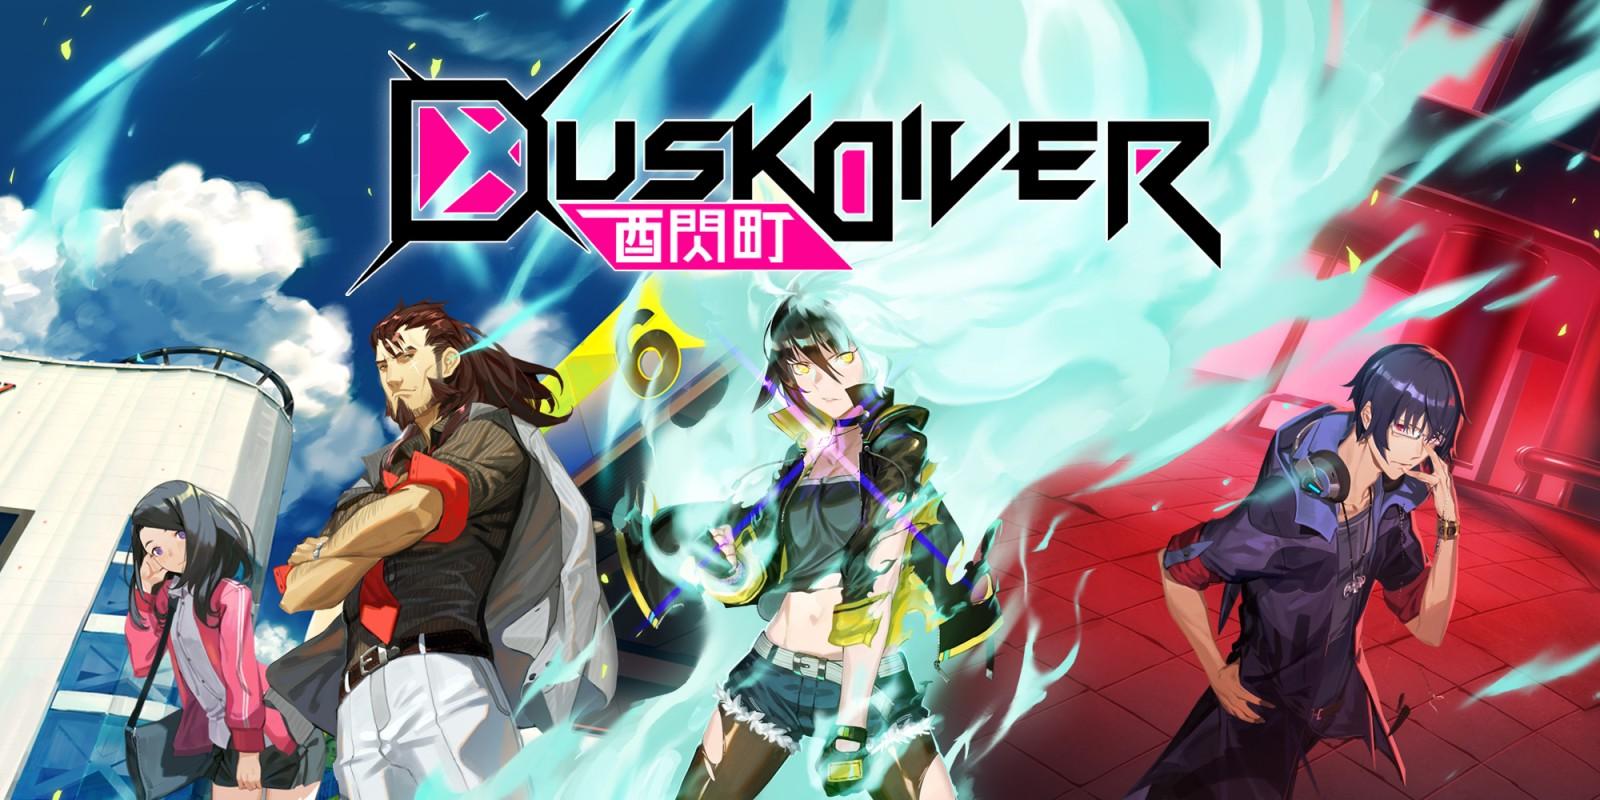 Dusk Diver Free Download